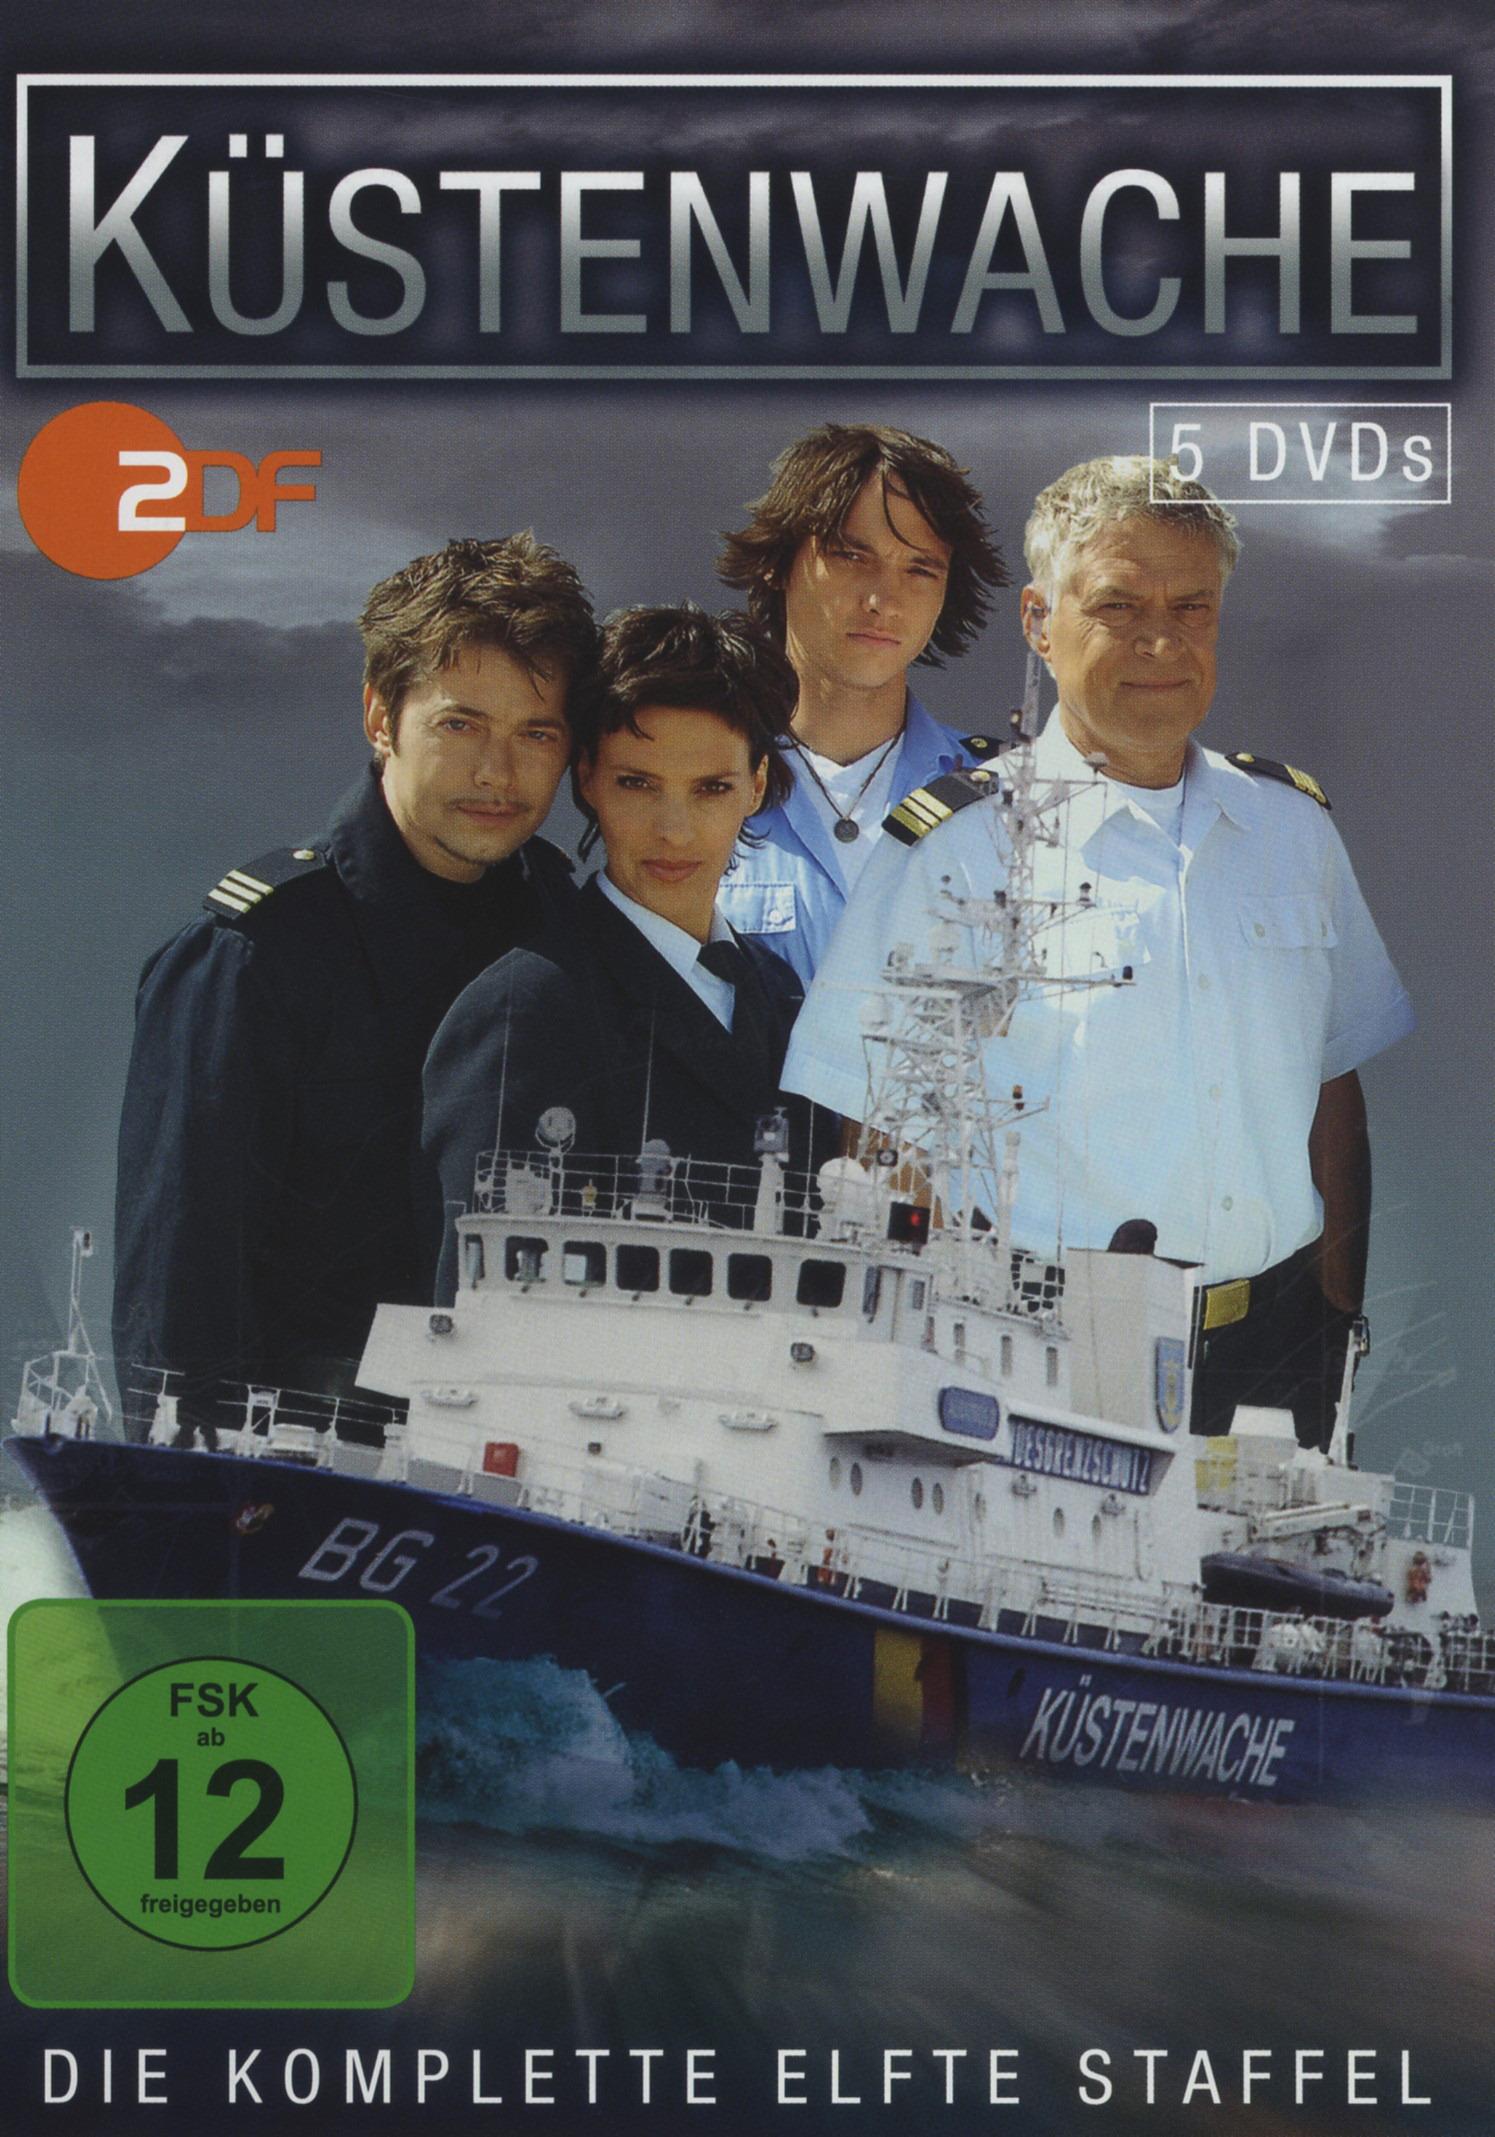 Küstenwache - Die komplette elfte Staffel (5 Discs) Poster